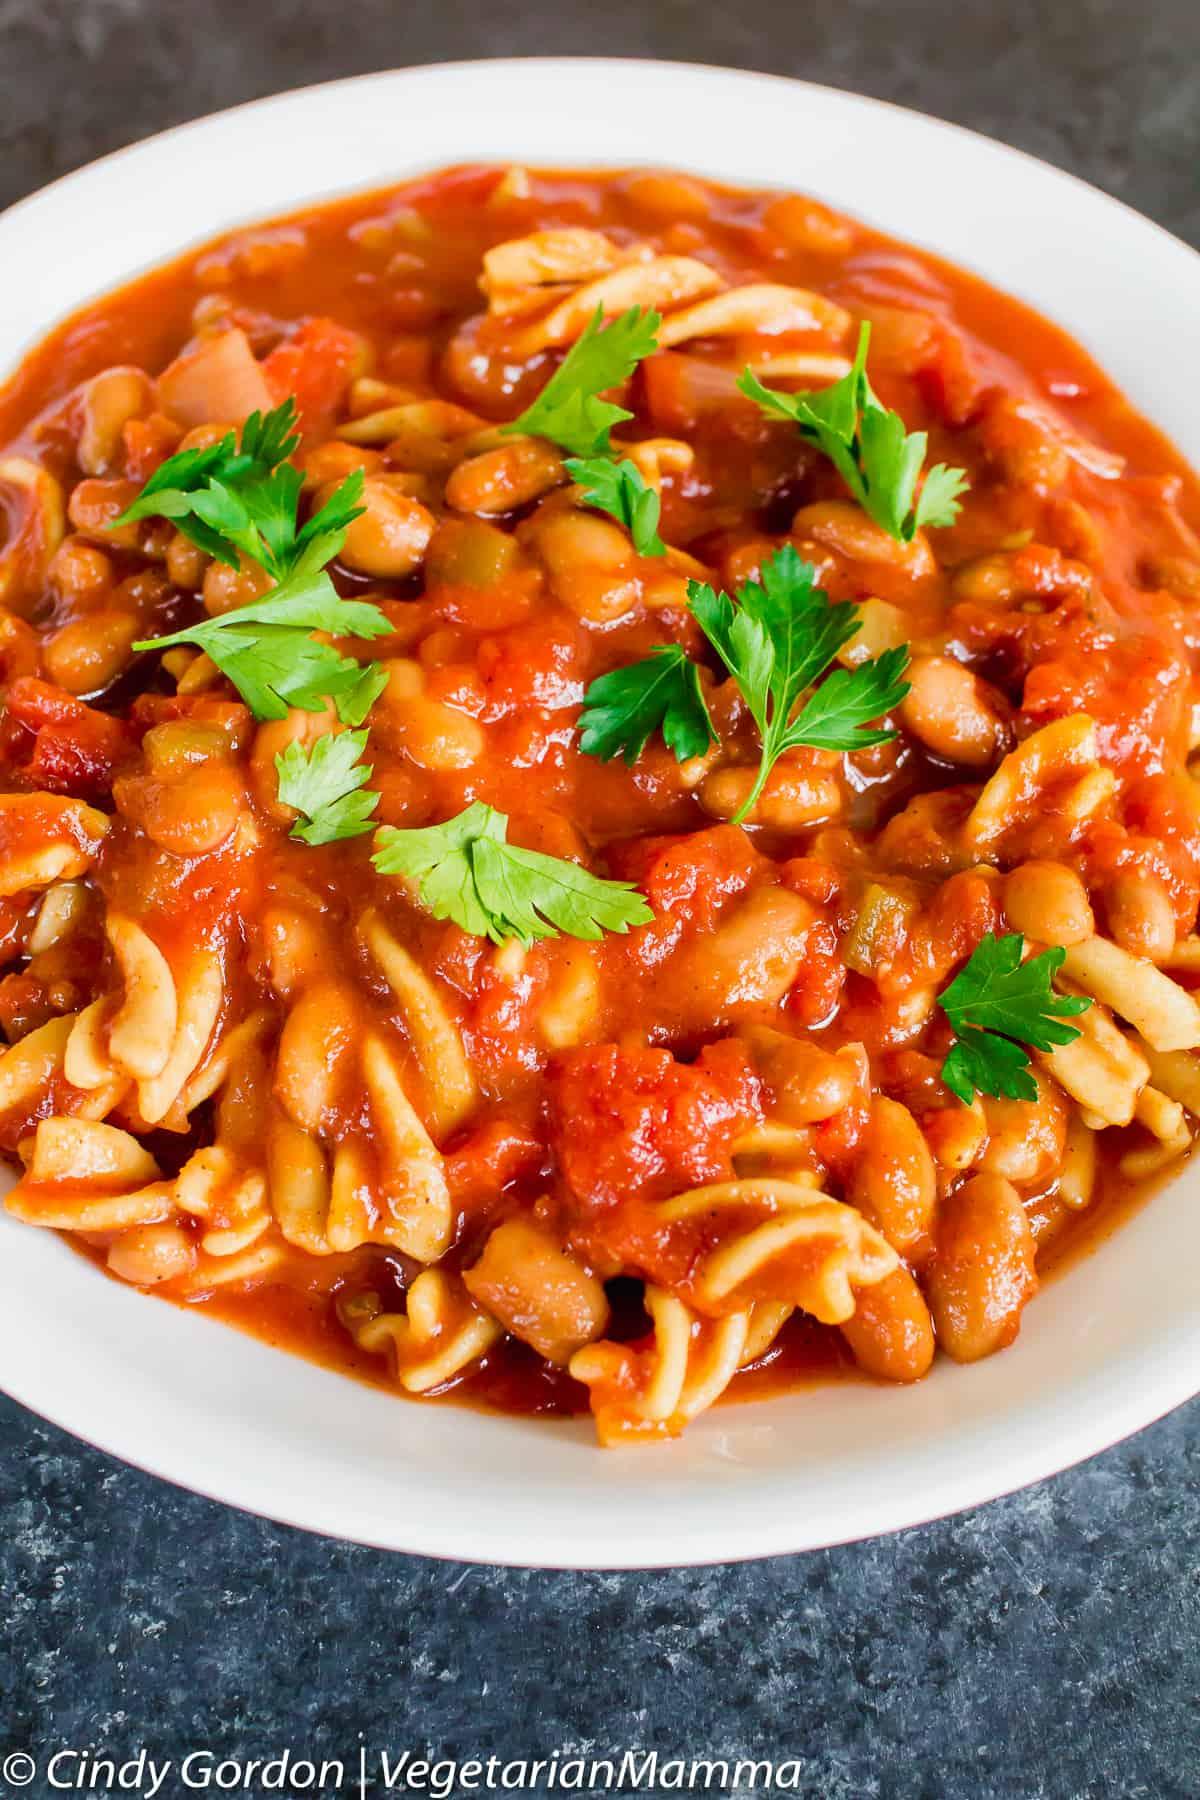 bowl of Vegetarian çhili mac